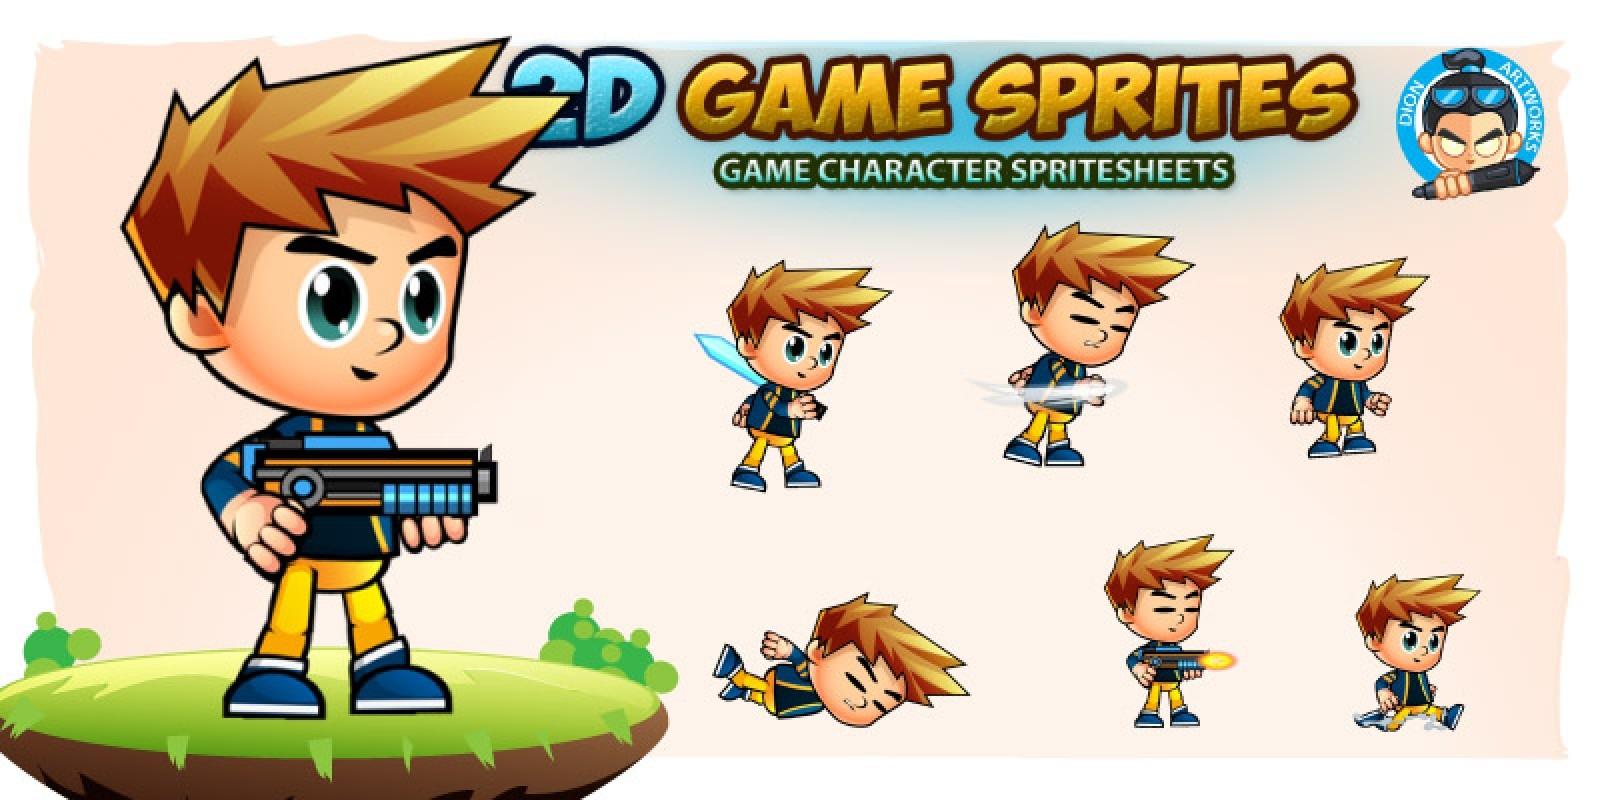 Liam 2D Game Sprites